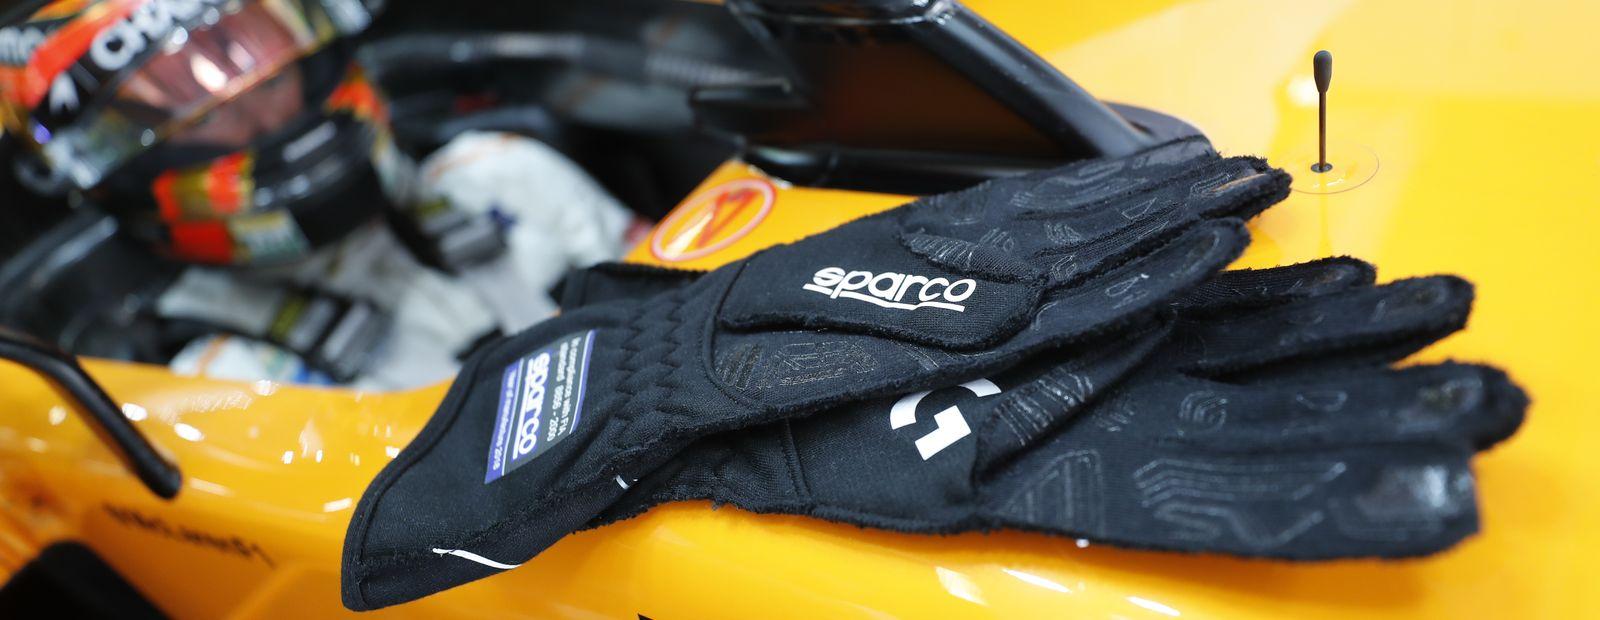 McLaren and Sparco extend partnership